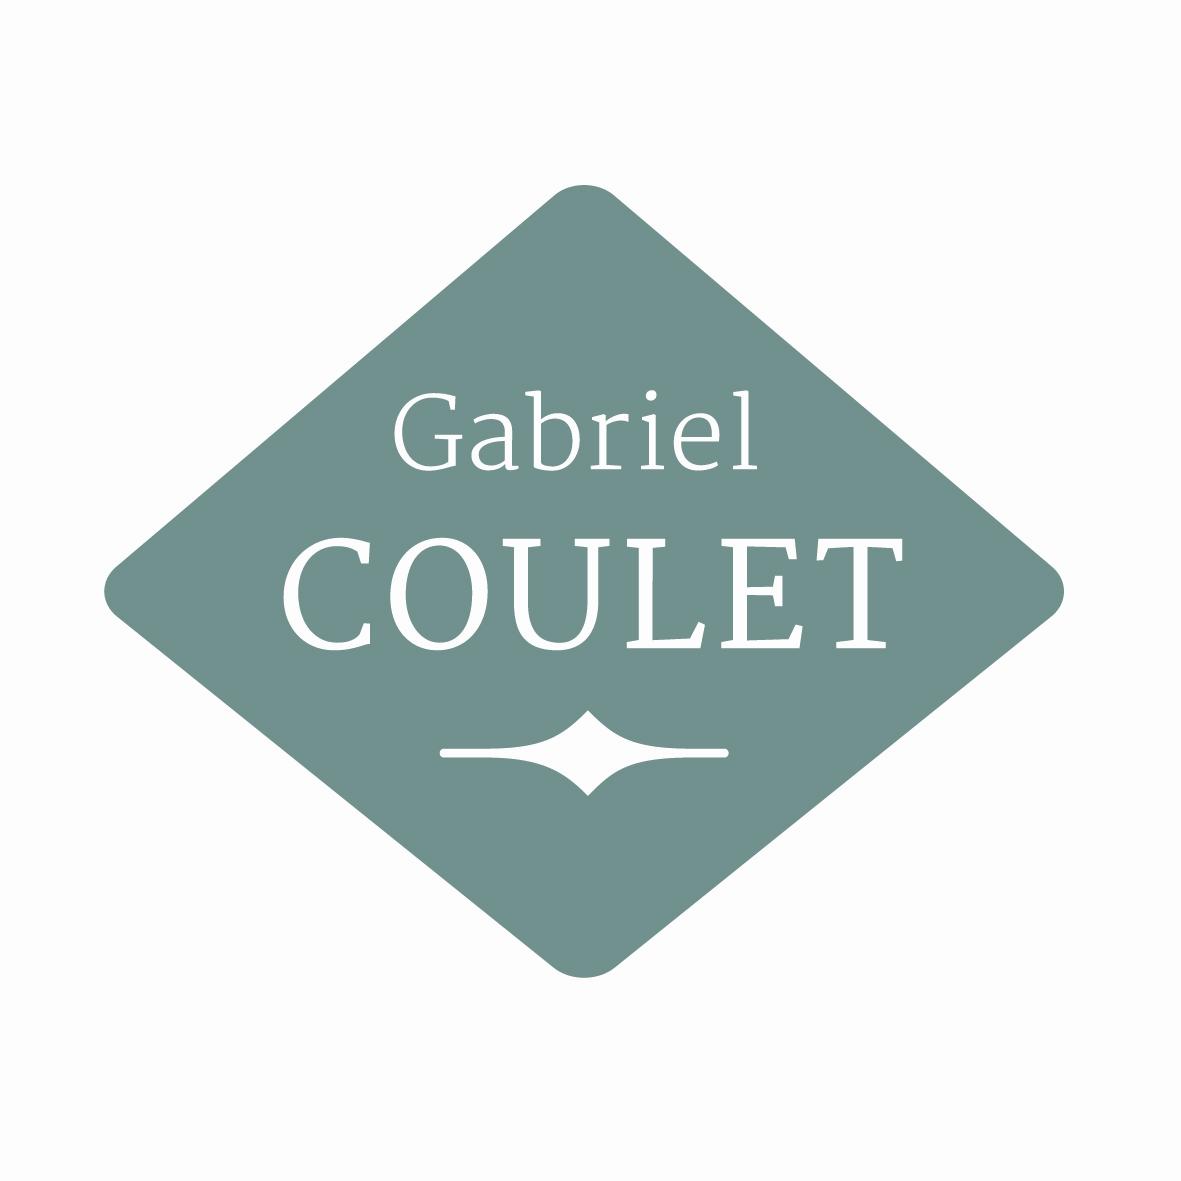 LOGO GABRIEL COULET